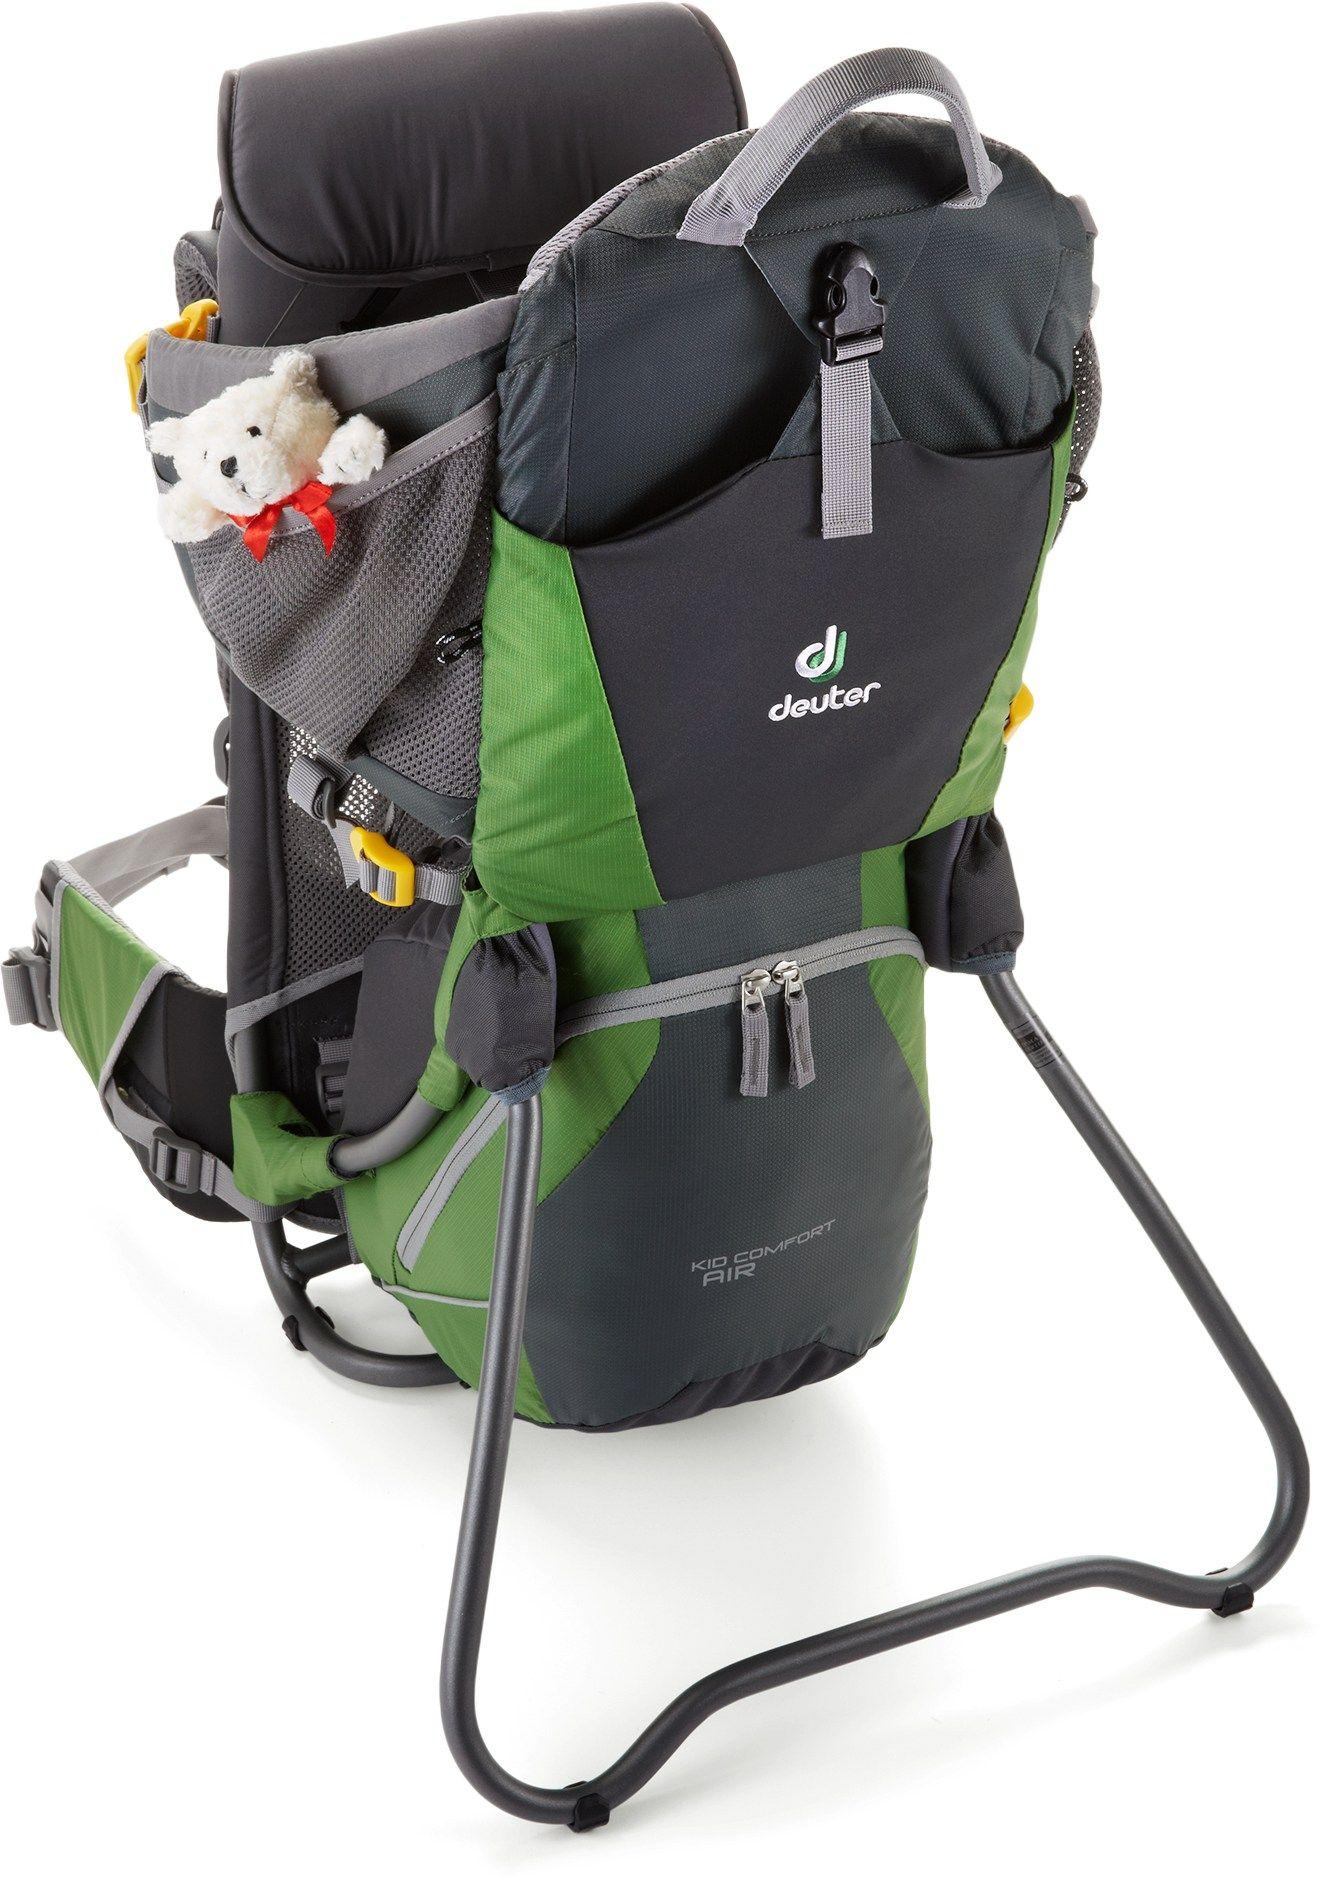 648cc86d0c2 Deuter Kid Comfort Air Child Carrier Granite Emerald